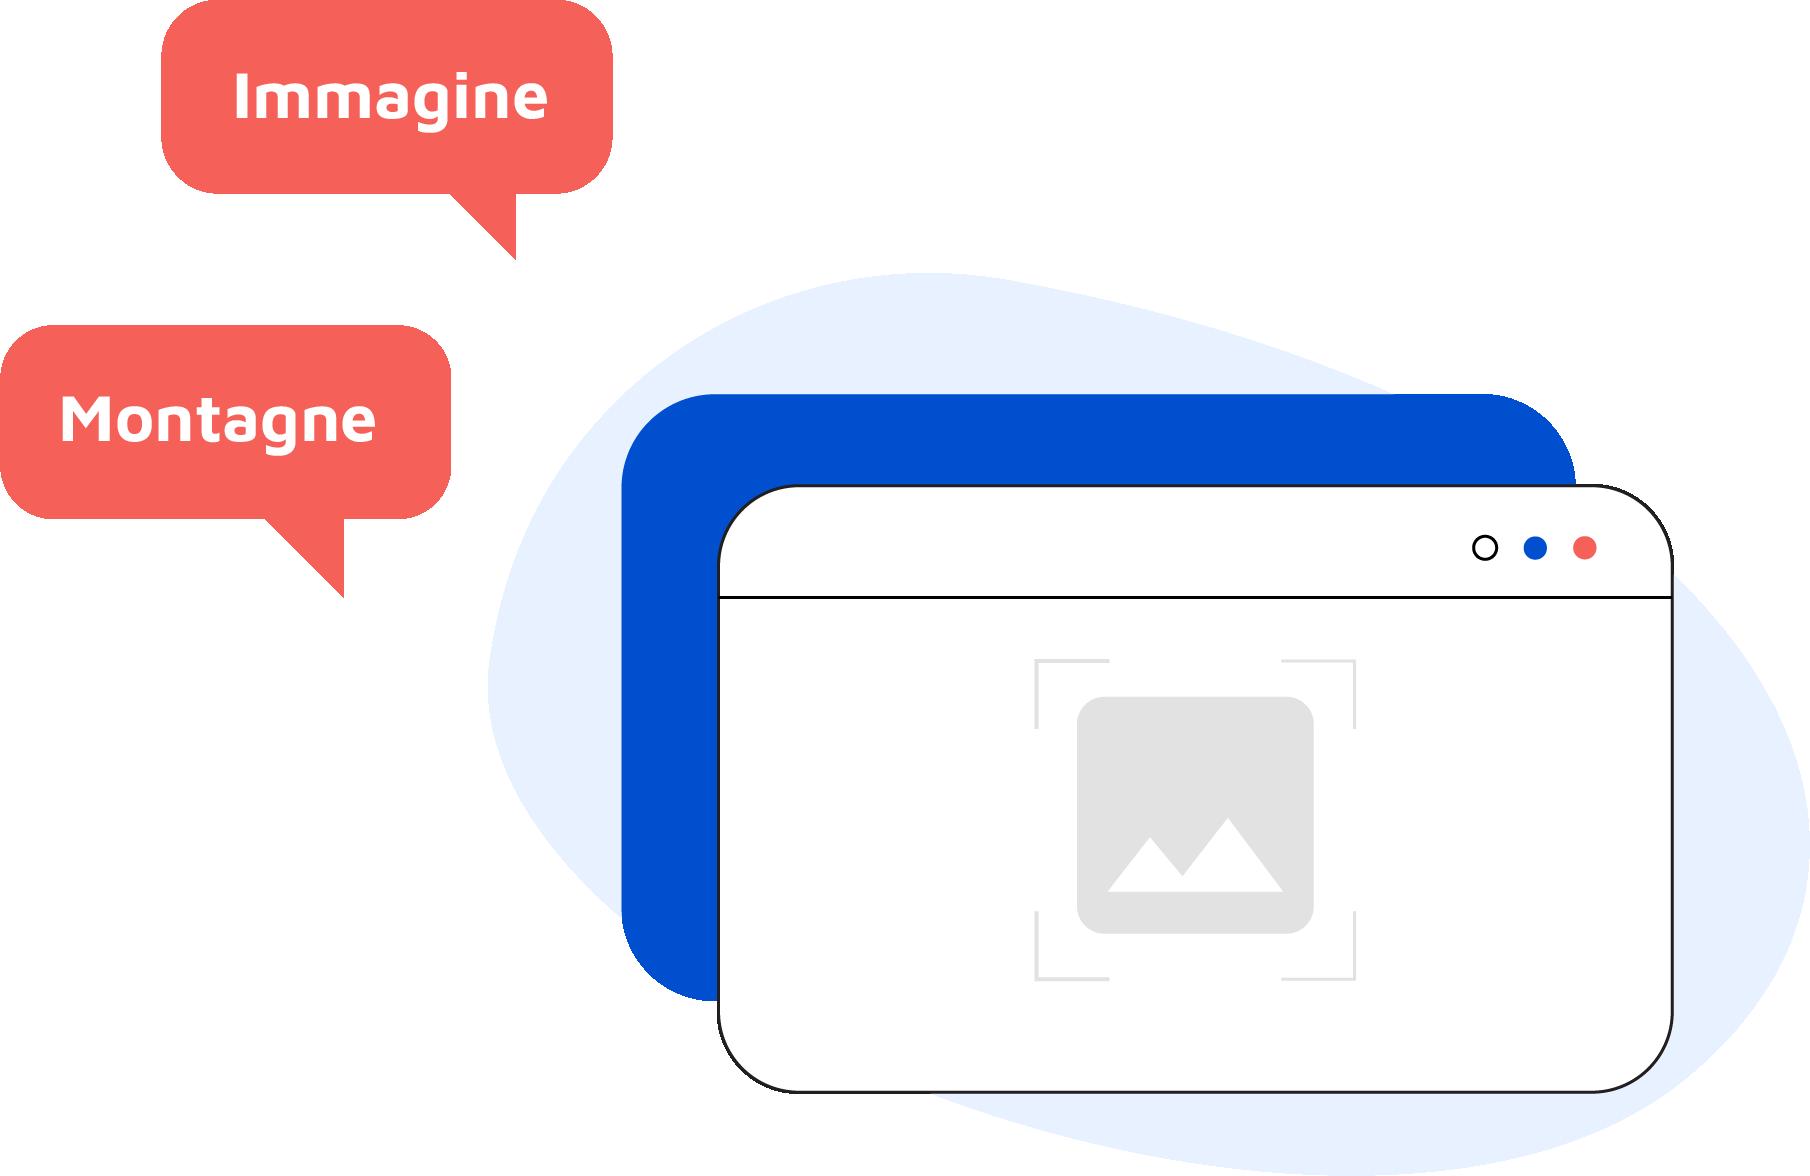 Illustrazione di una pagina web con all'interno un'immagine di due montagne e all'esterno due fumetti con le scritte Immagine e Montagne